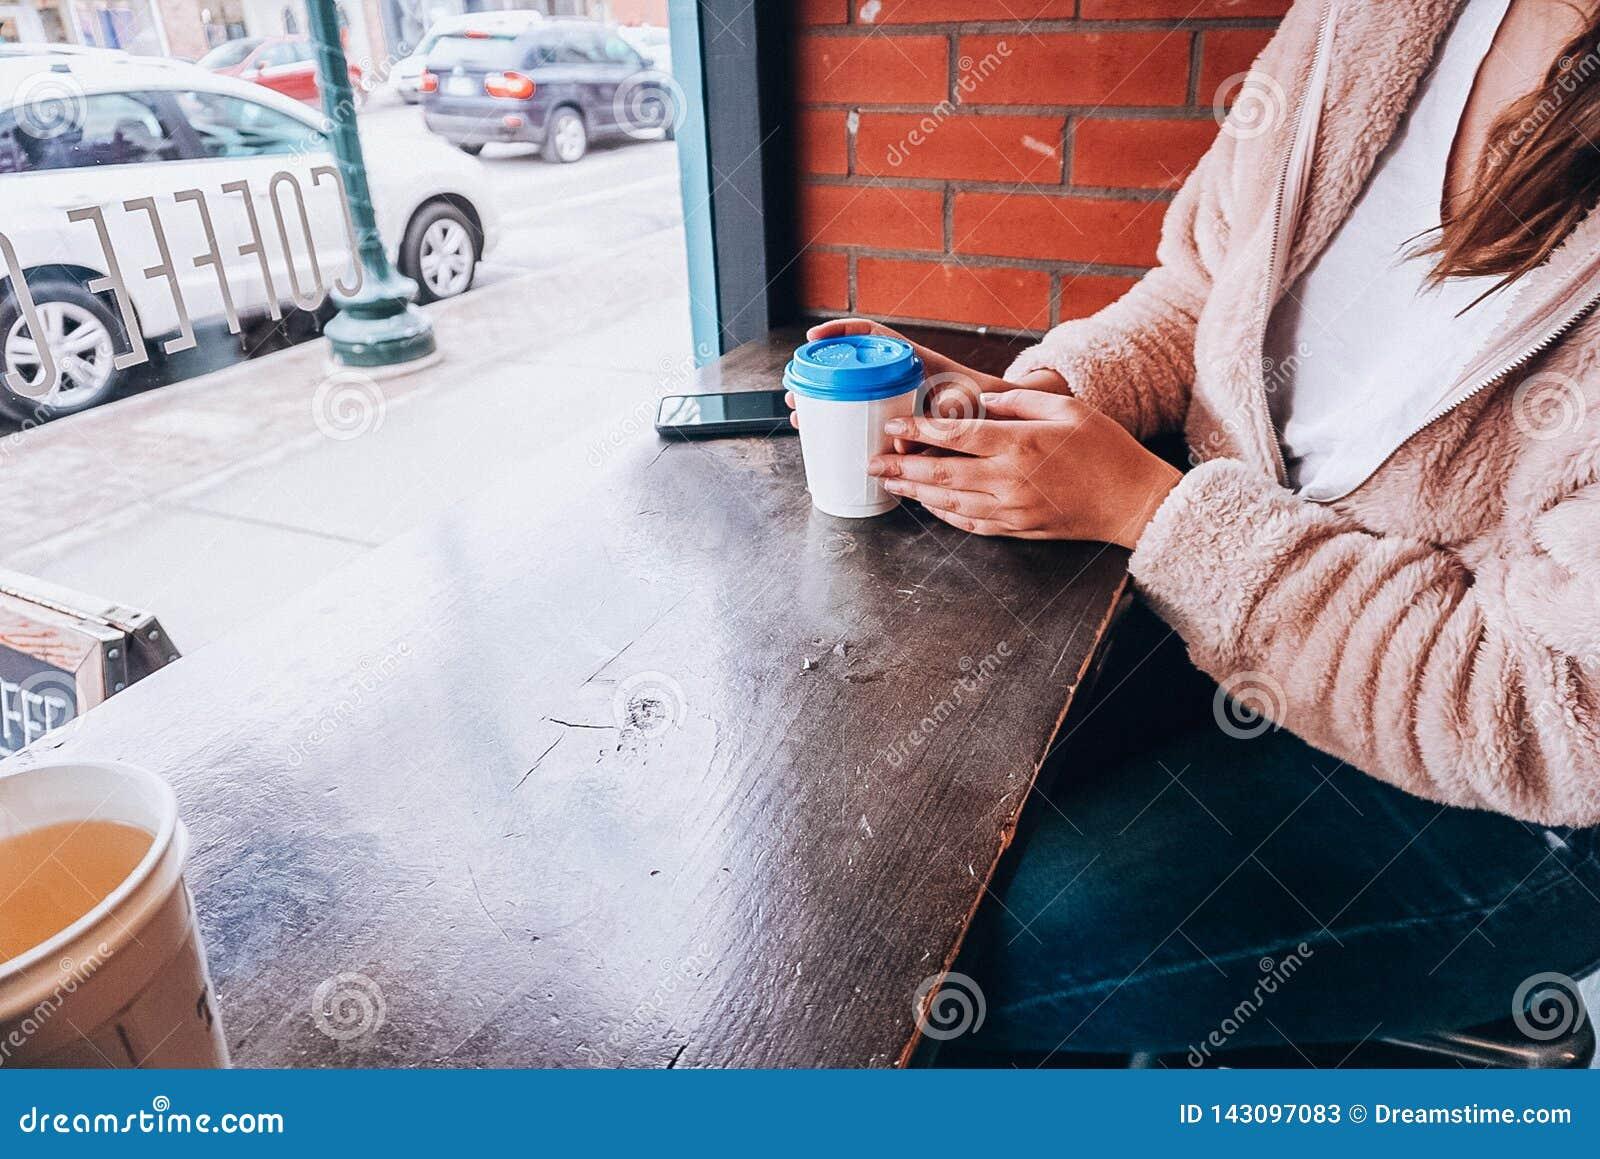 Una muchacha que sostiene una taza de café con una tapa azul